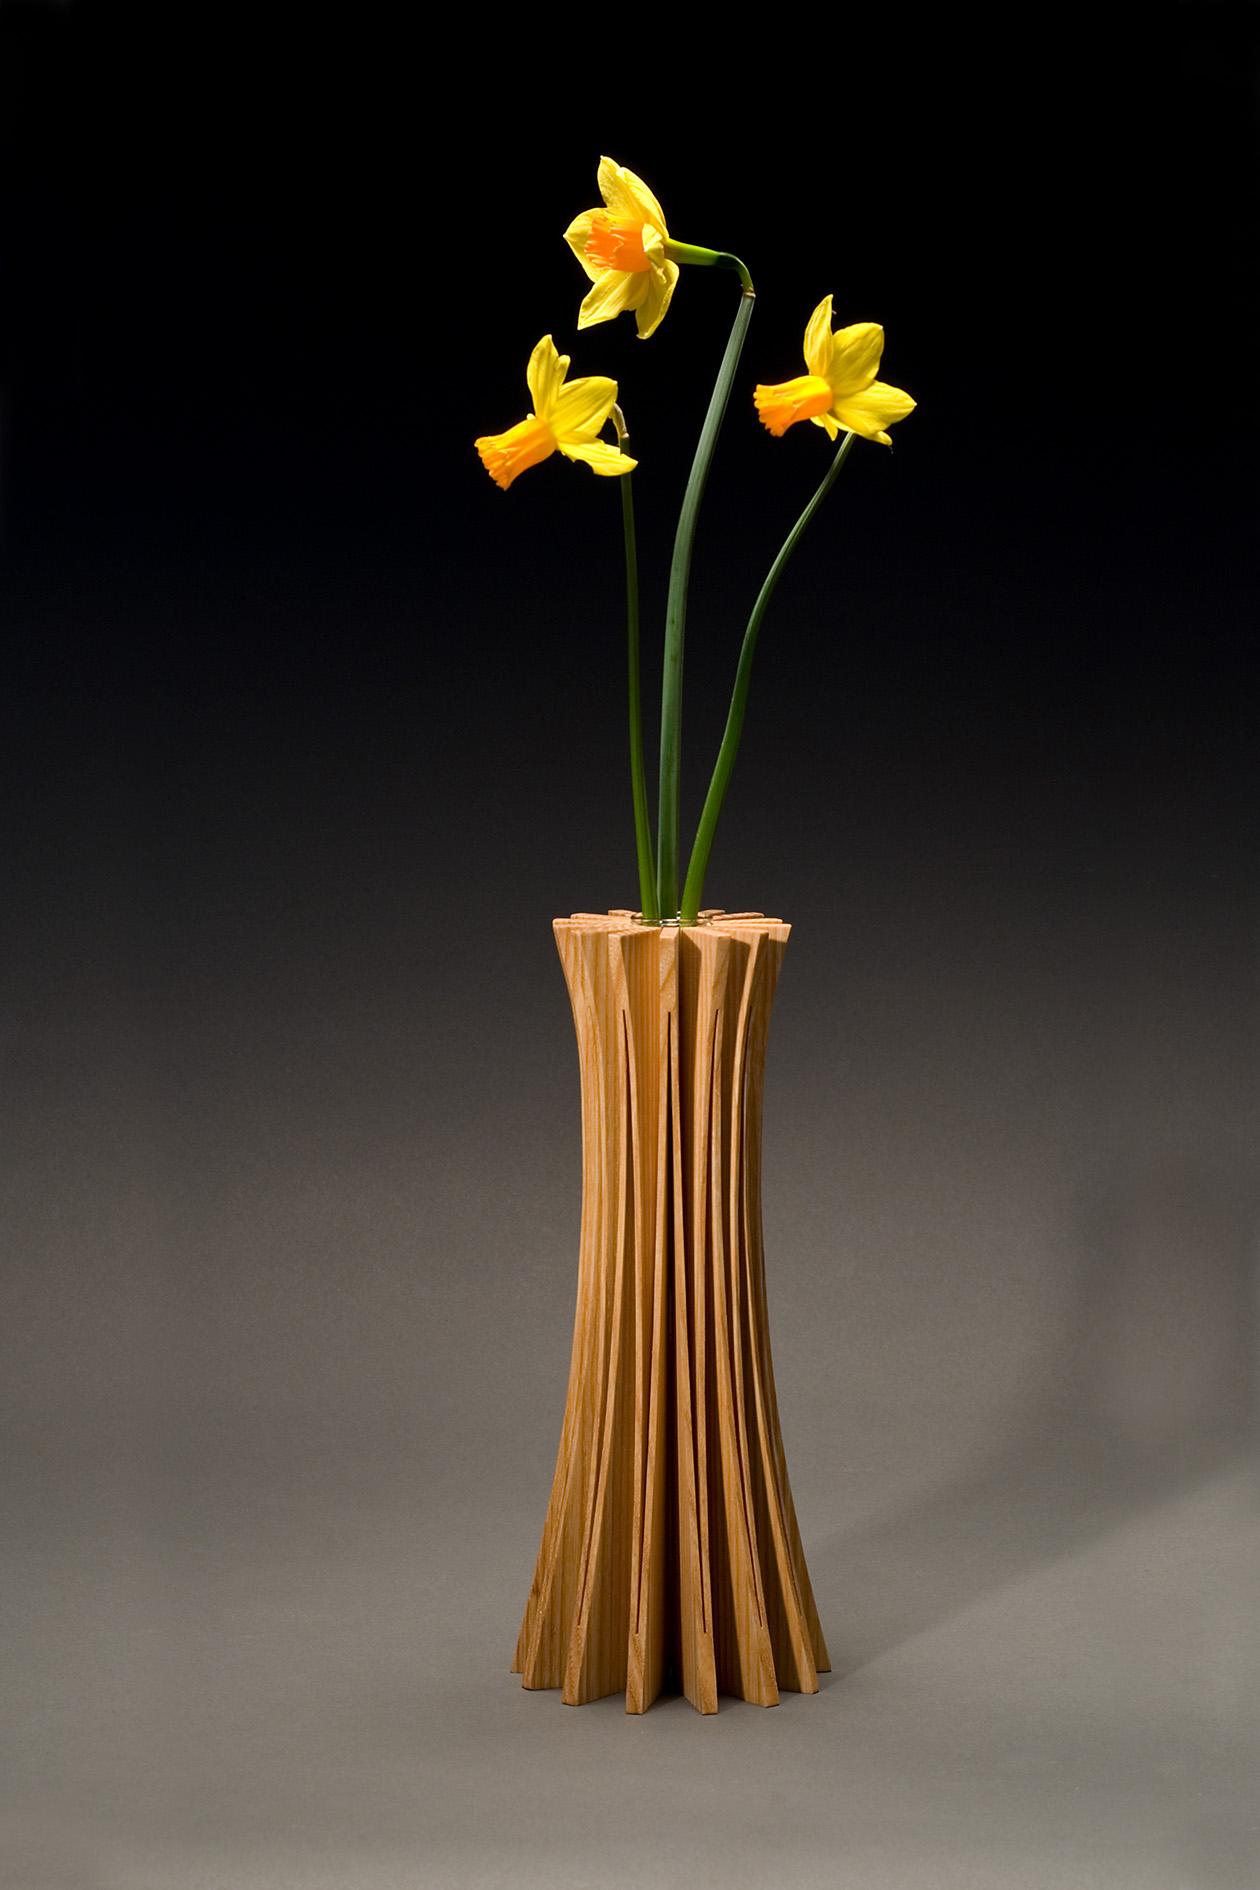 seth rolland vases bookends. Black Bedroom Furniture Sets. Home Design Ideas